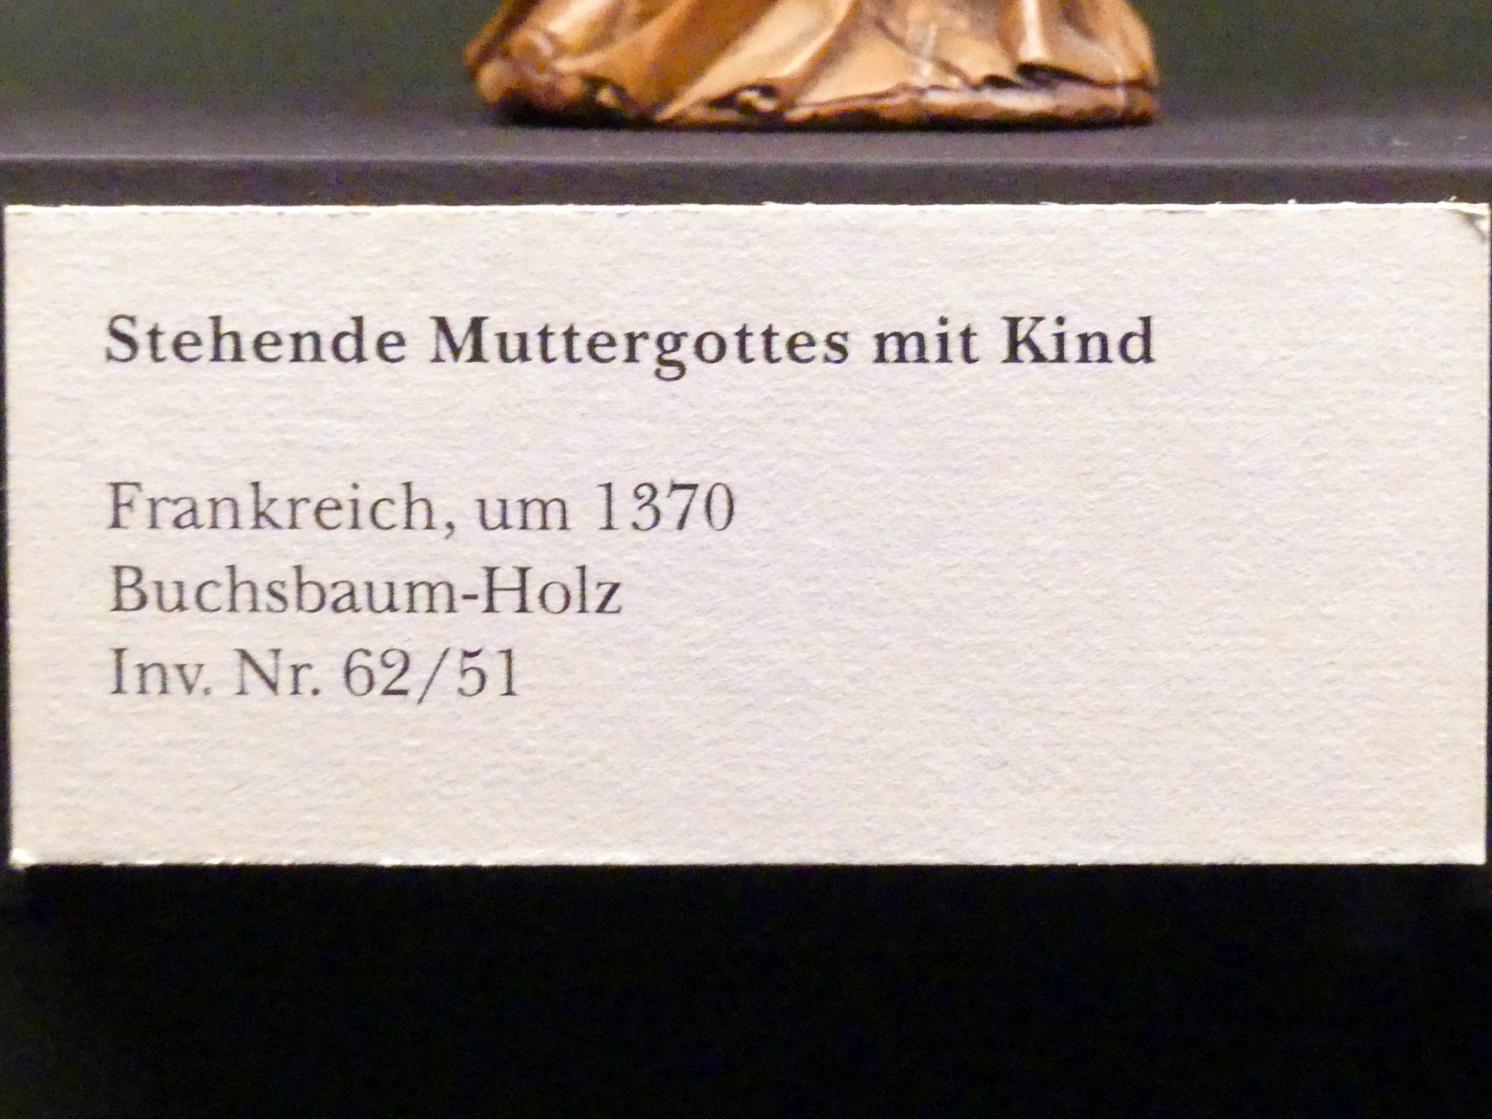 Stehende Muttergottes mit Kind, um 1370, Bild 2/2